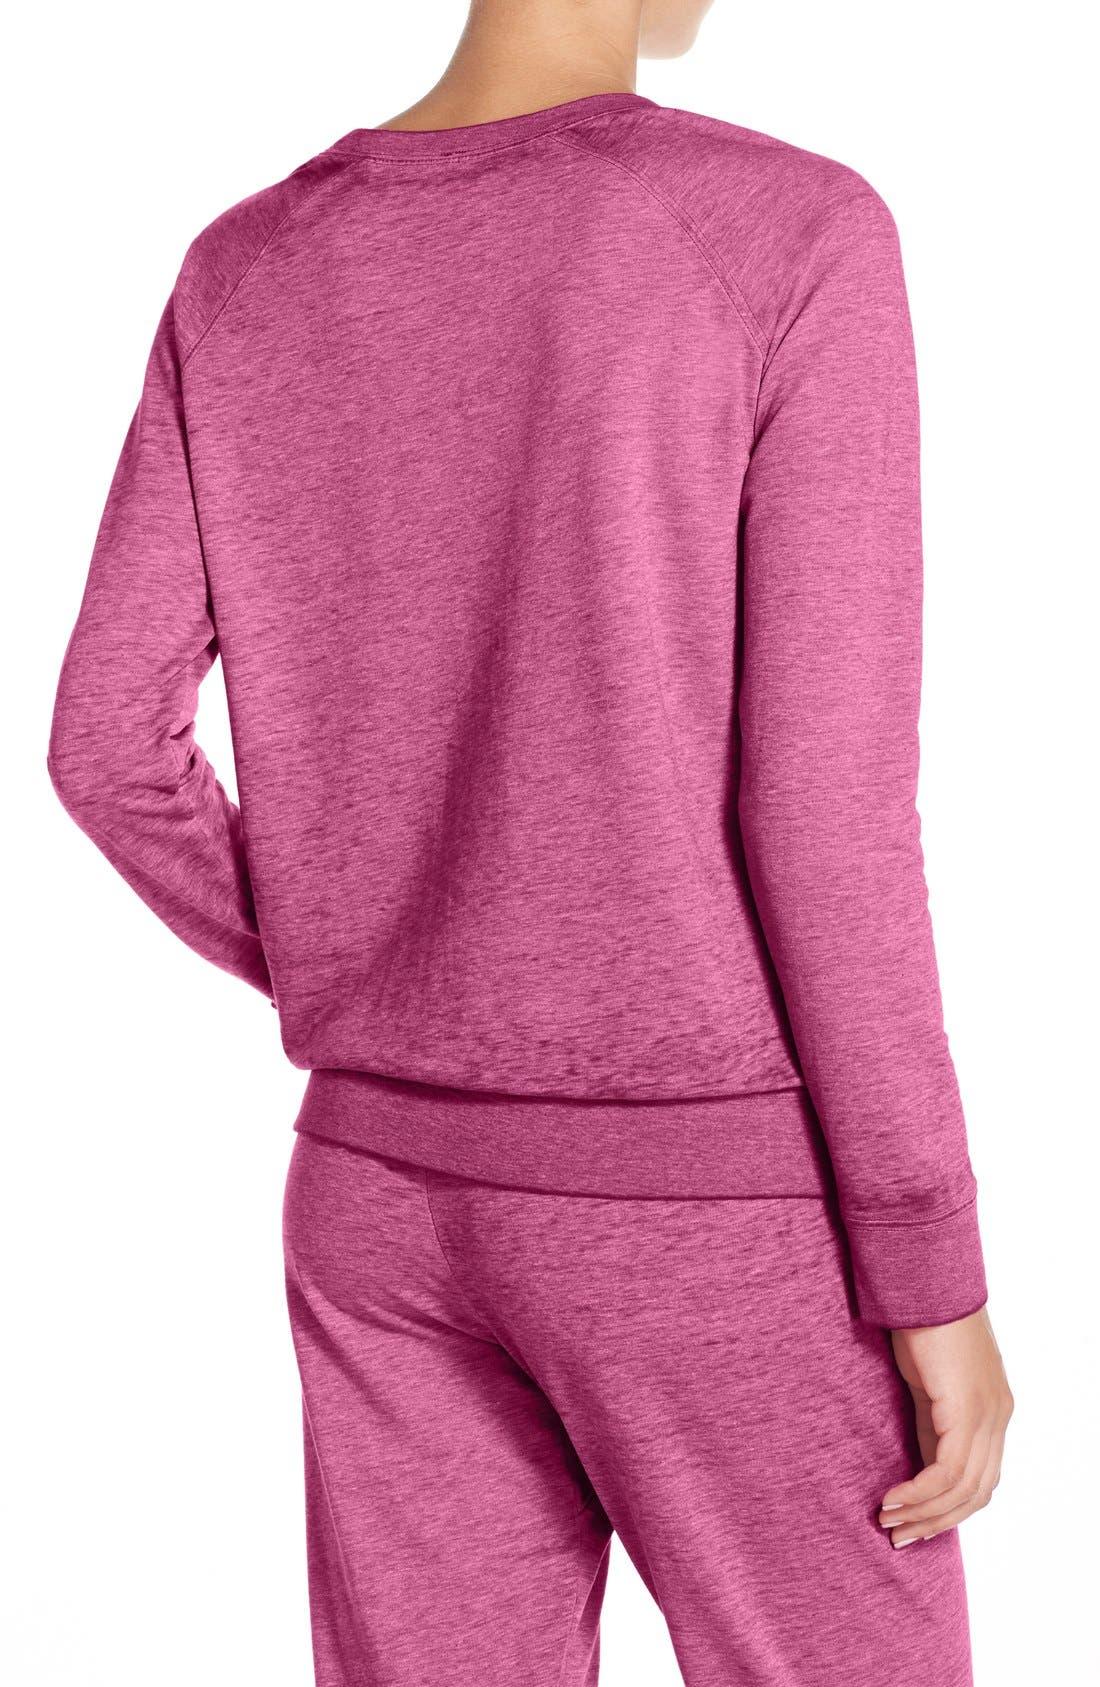 Burnout Lounge Sweatshirt,                             Alternate thumbnail 130, color,